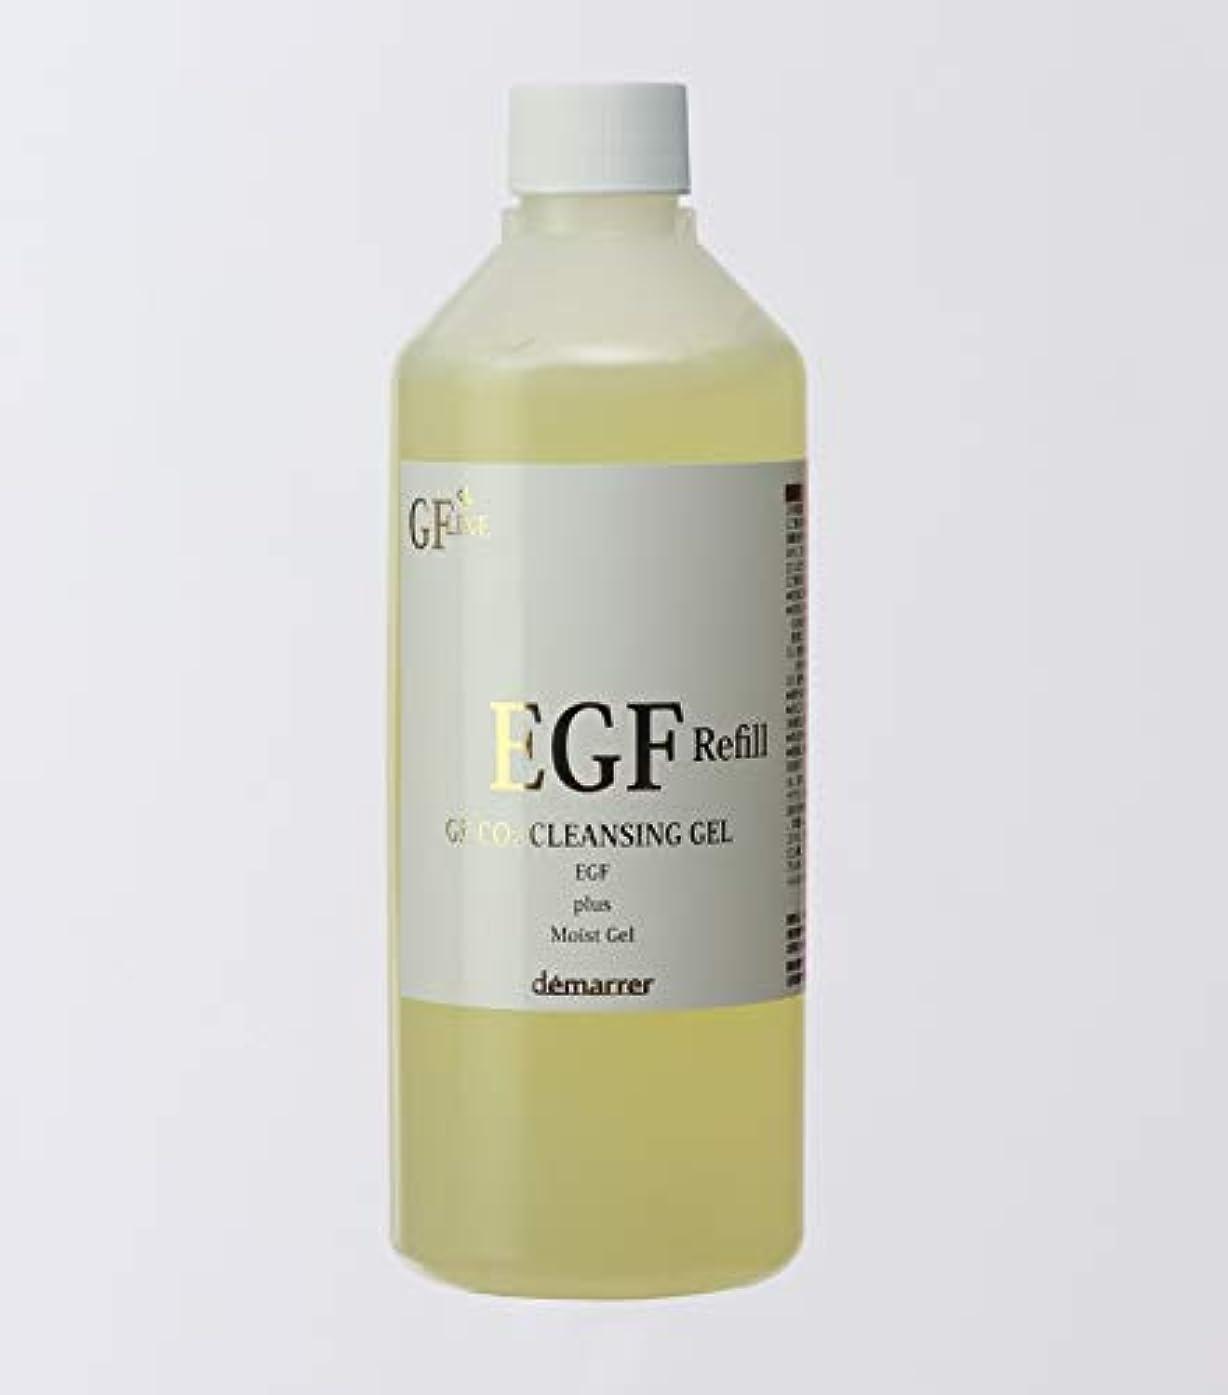 機械的に技術複雑なデマレ GF 炭酸洗顔クレンジング 400g レフィル